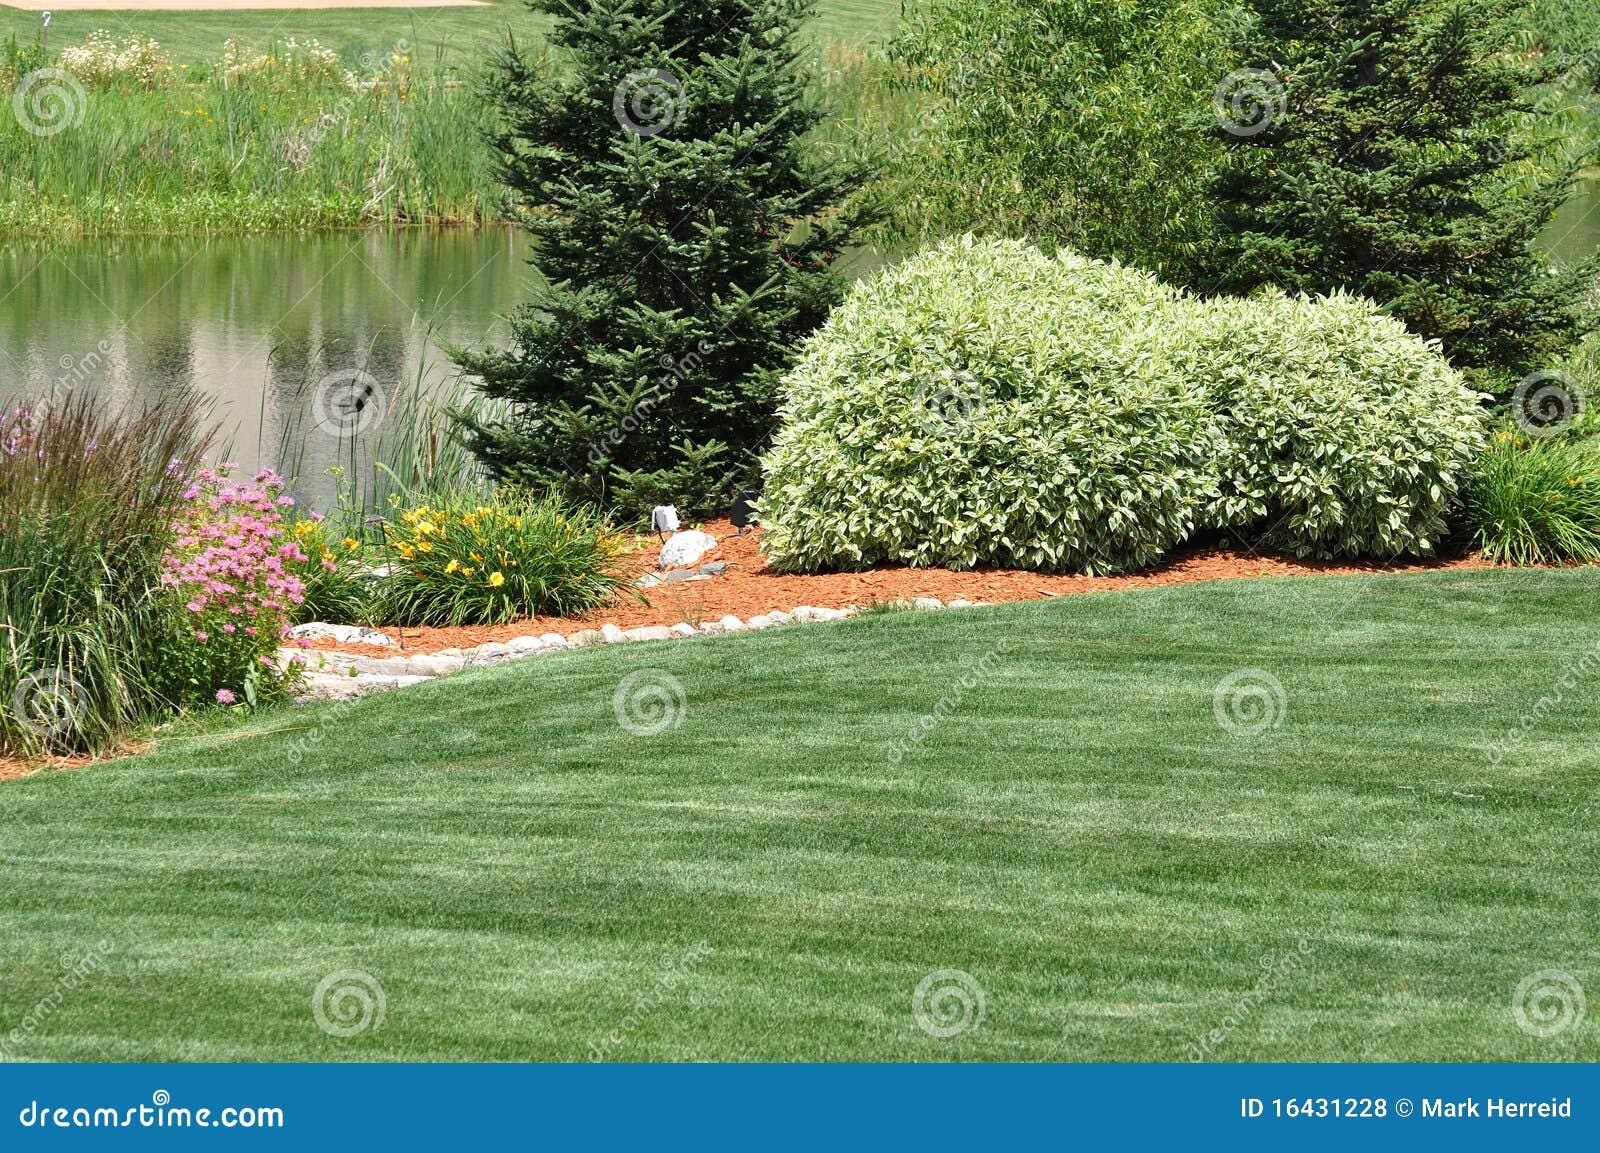 garden design garden design with backyard wall ideas gopatio with